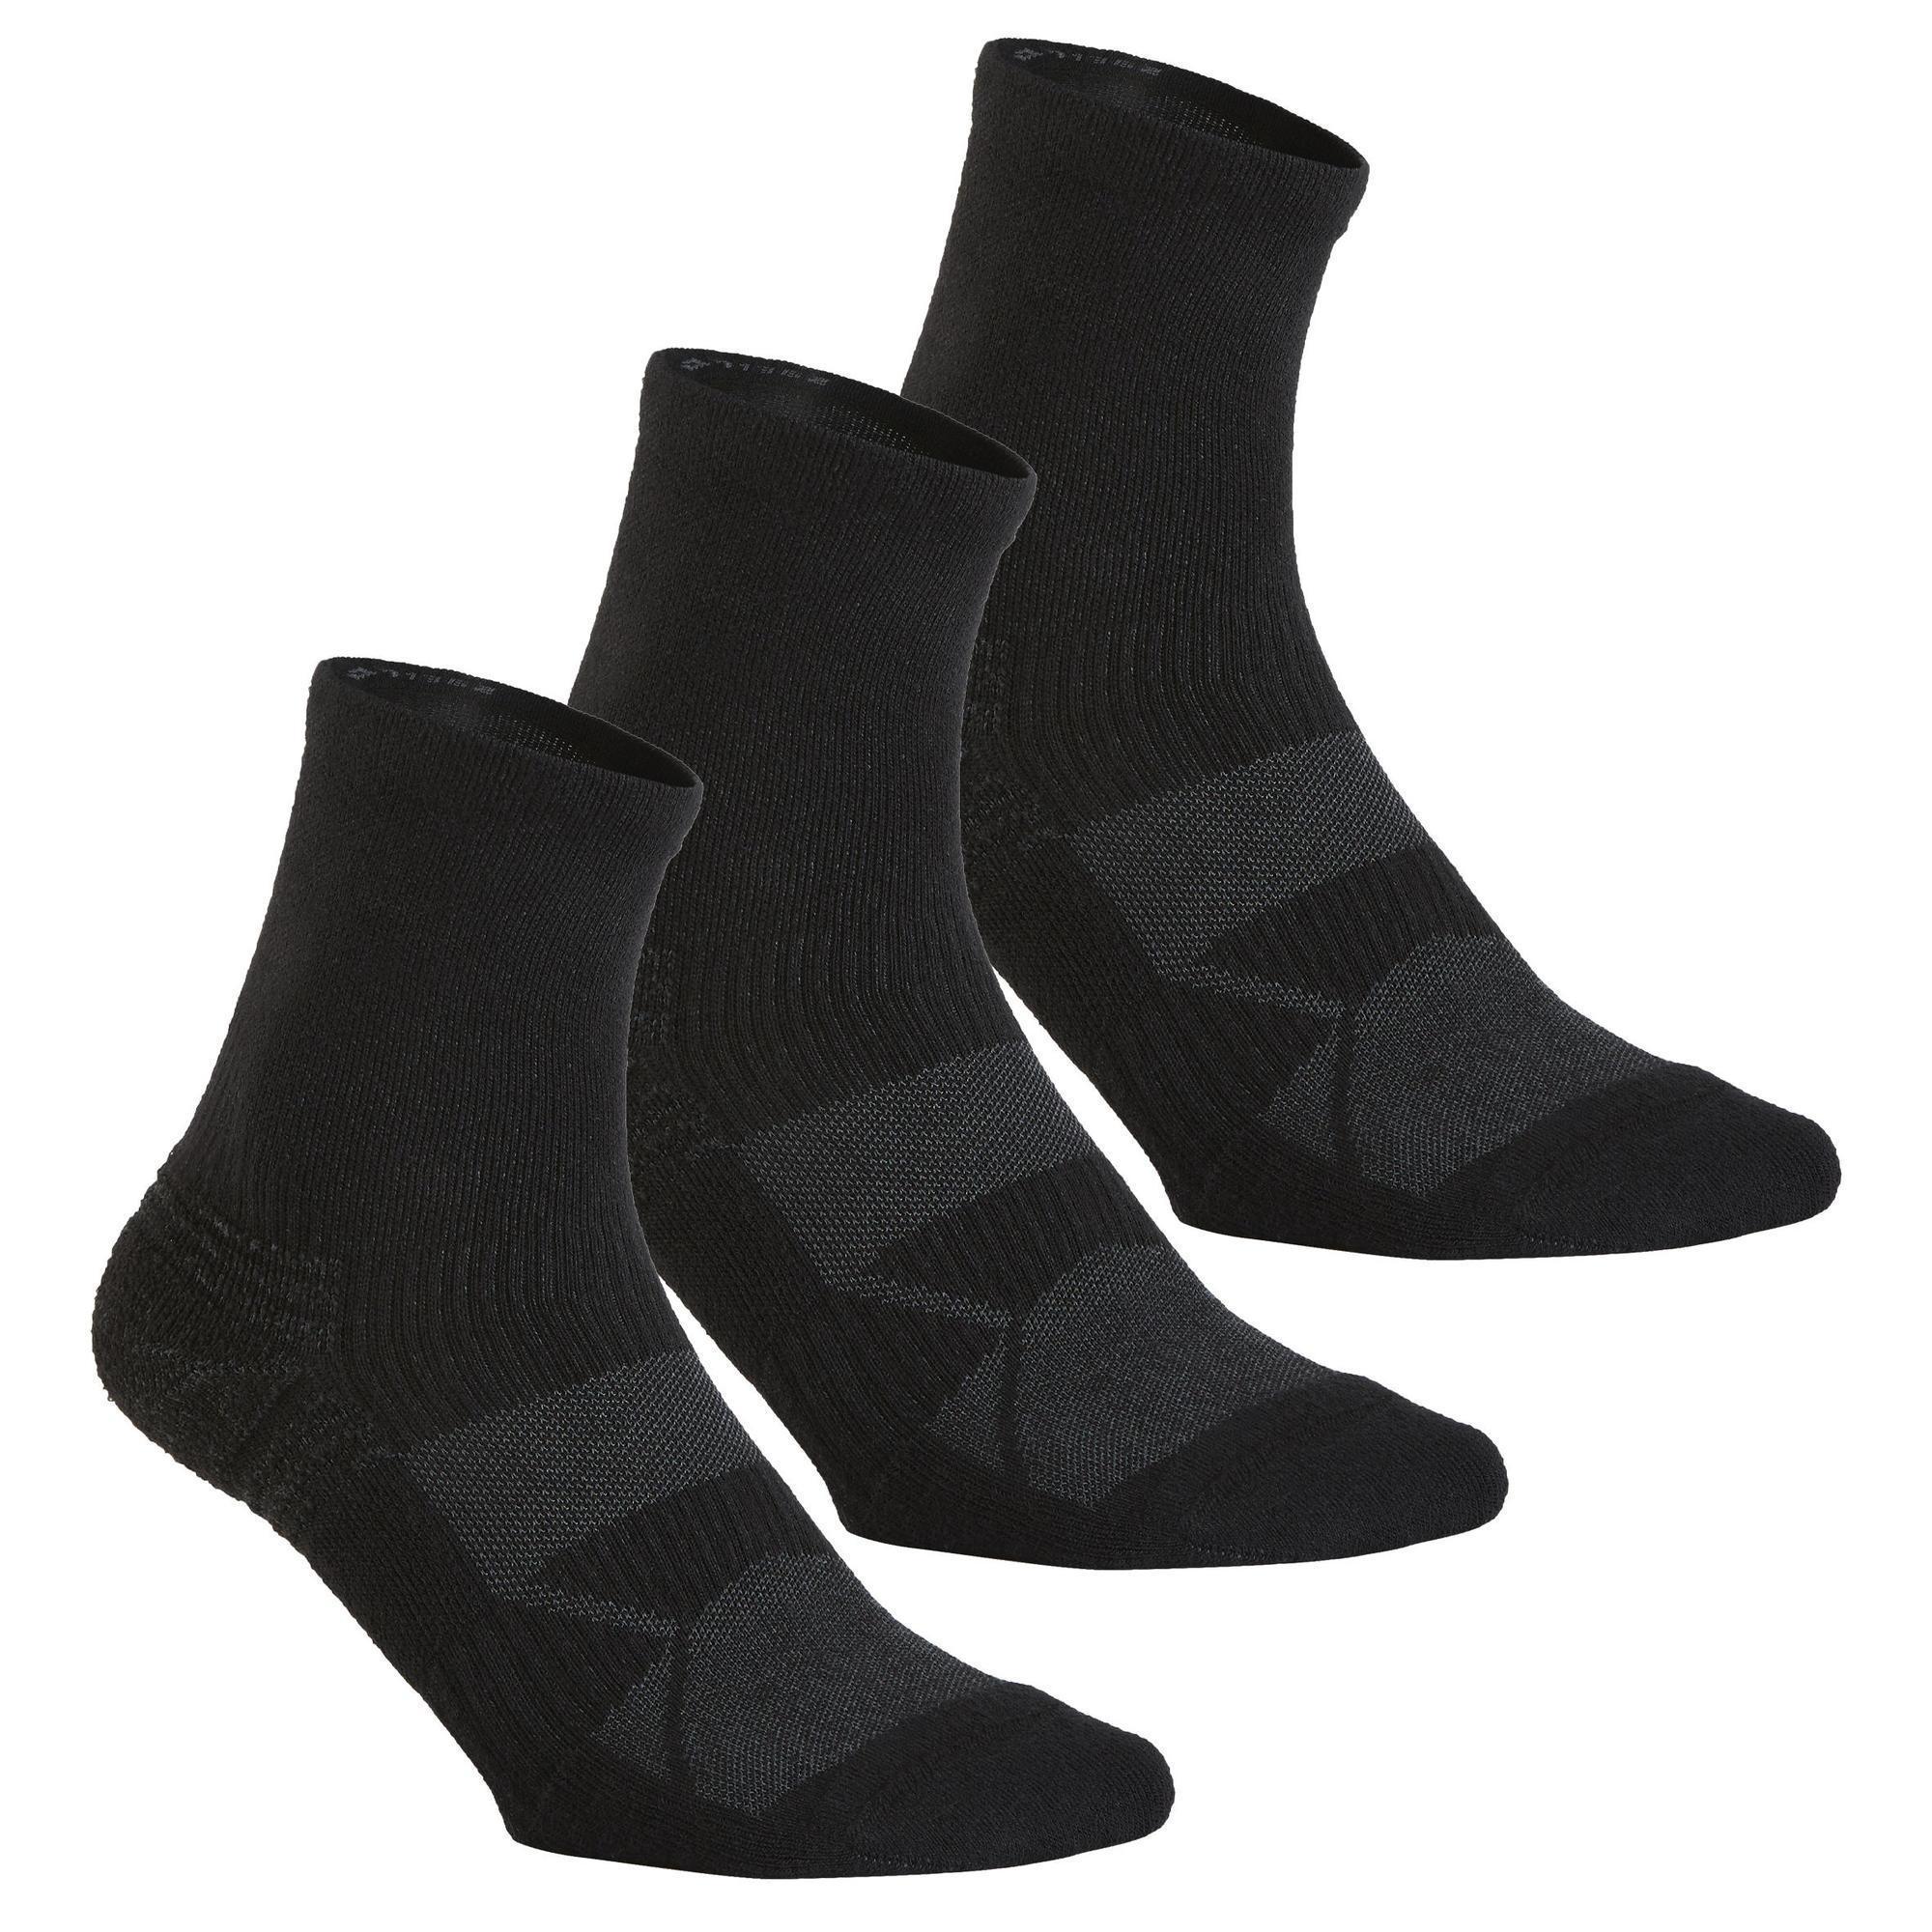 diseño de moda tienda del reino unido zapatos para correr Calcetines para Caminar | Calcetines para Andar | Decathlon